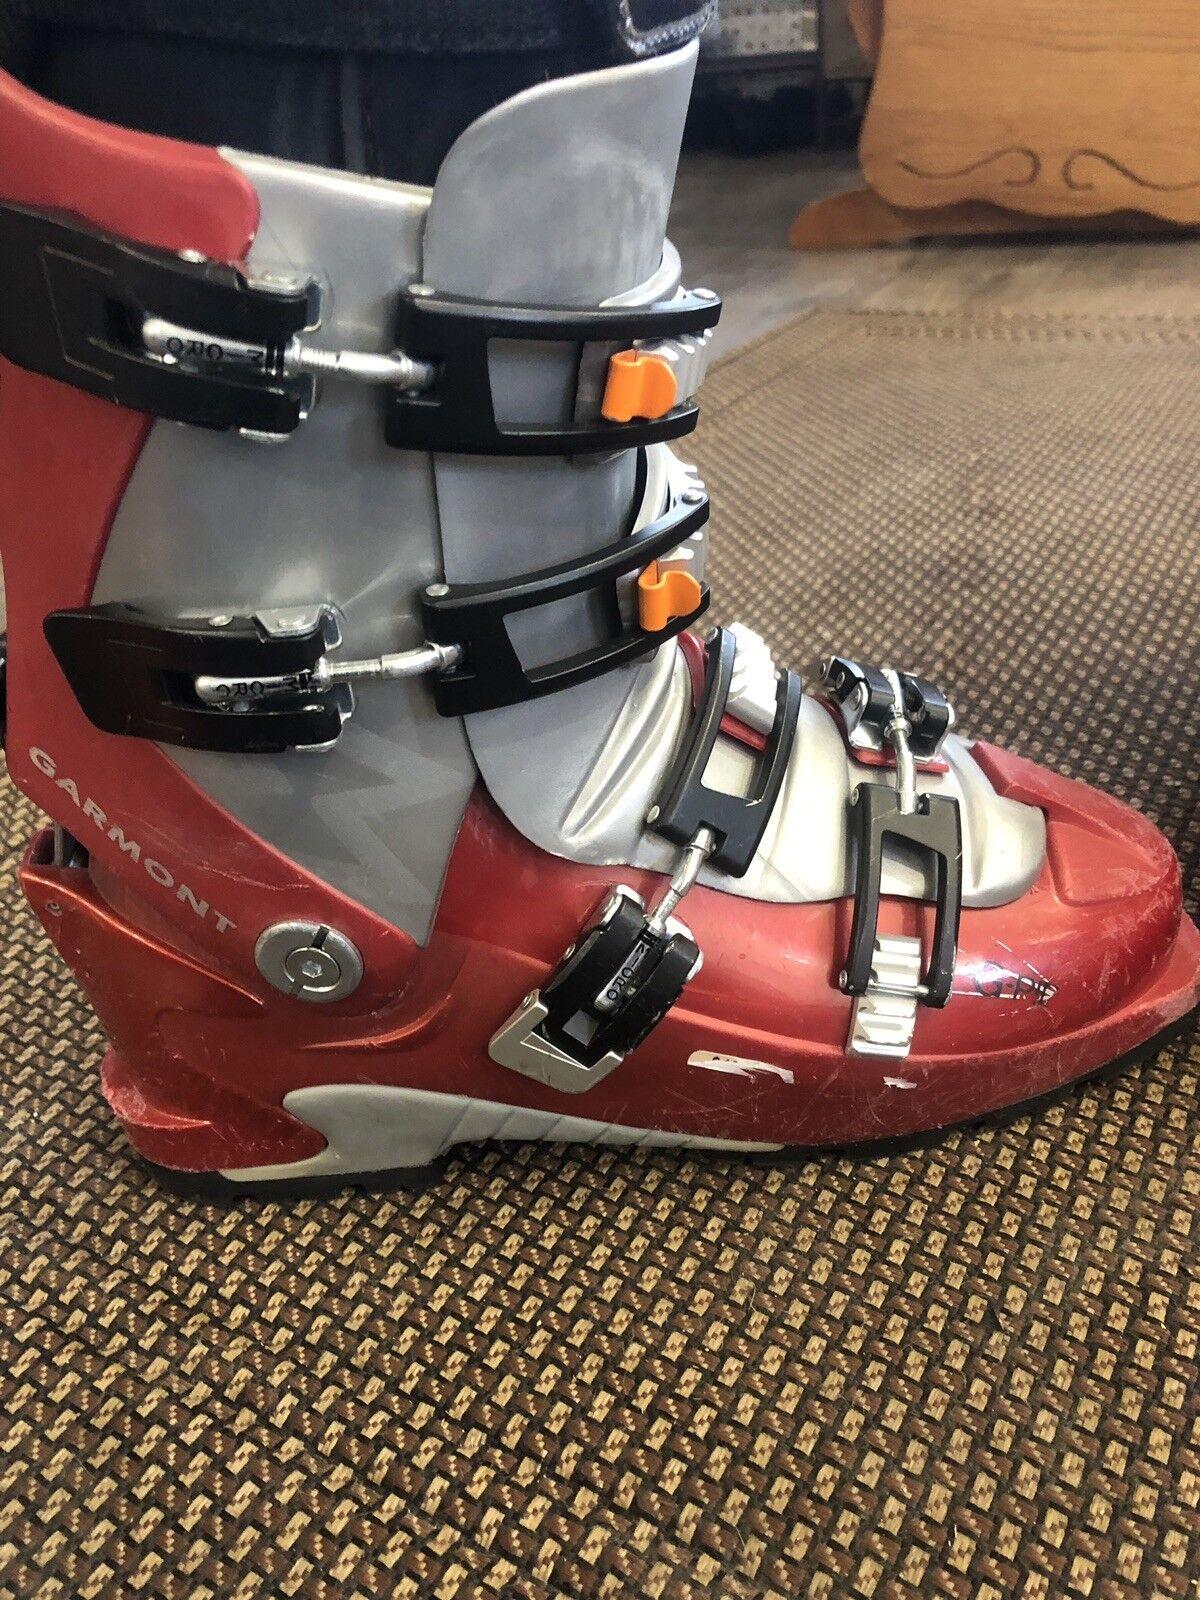 Garmont G-Ride AT Ski Stivali Alpine Touring 27-28.5 Mondo Uomo's 10-10.5 310mm